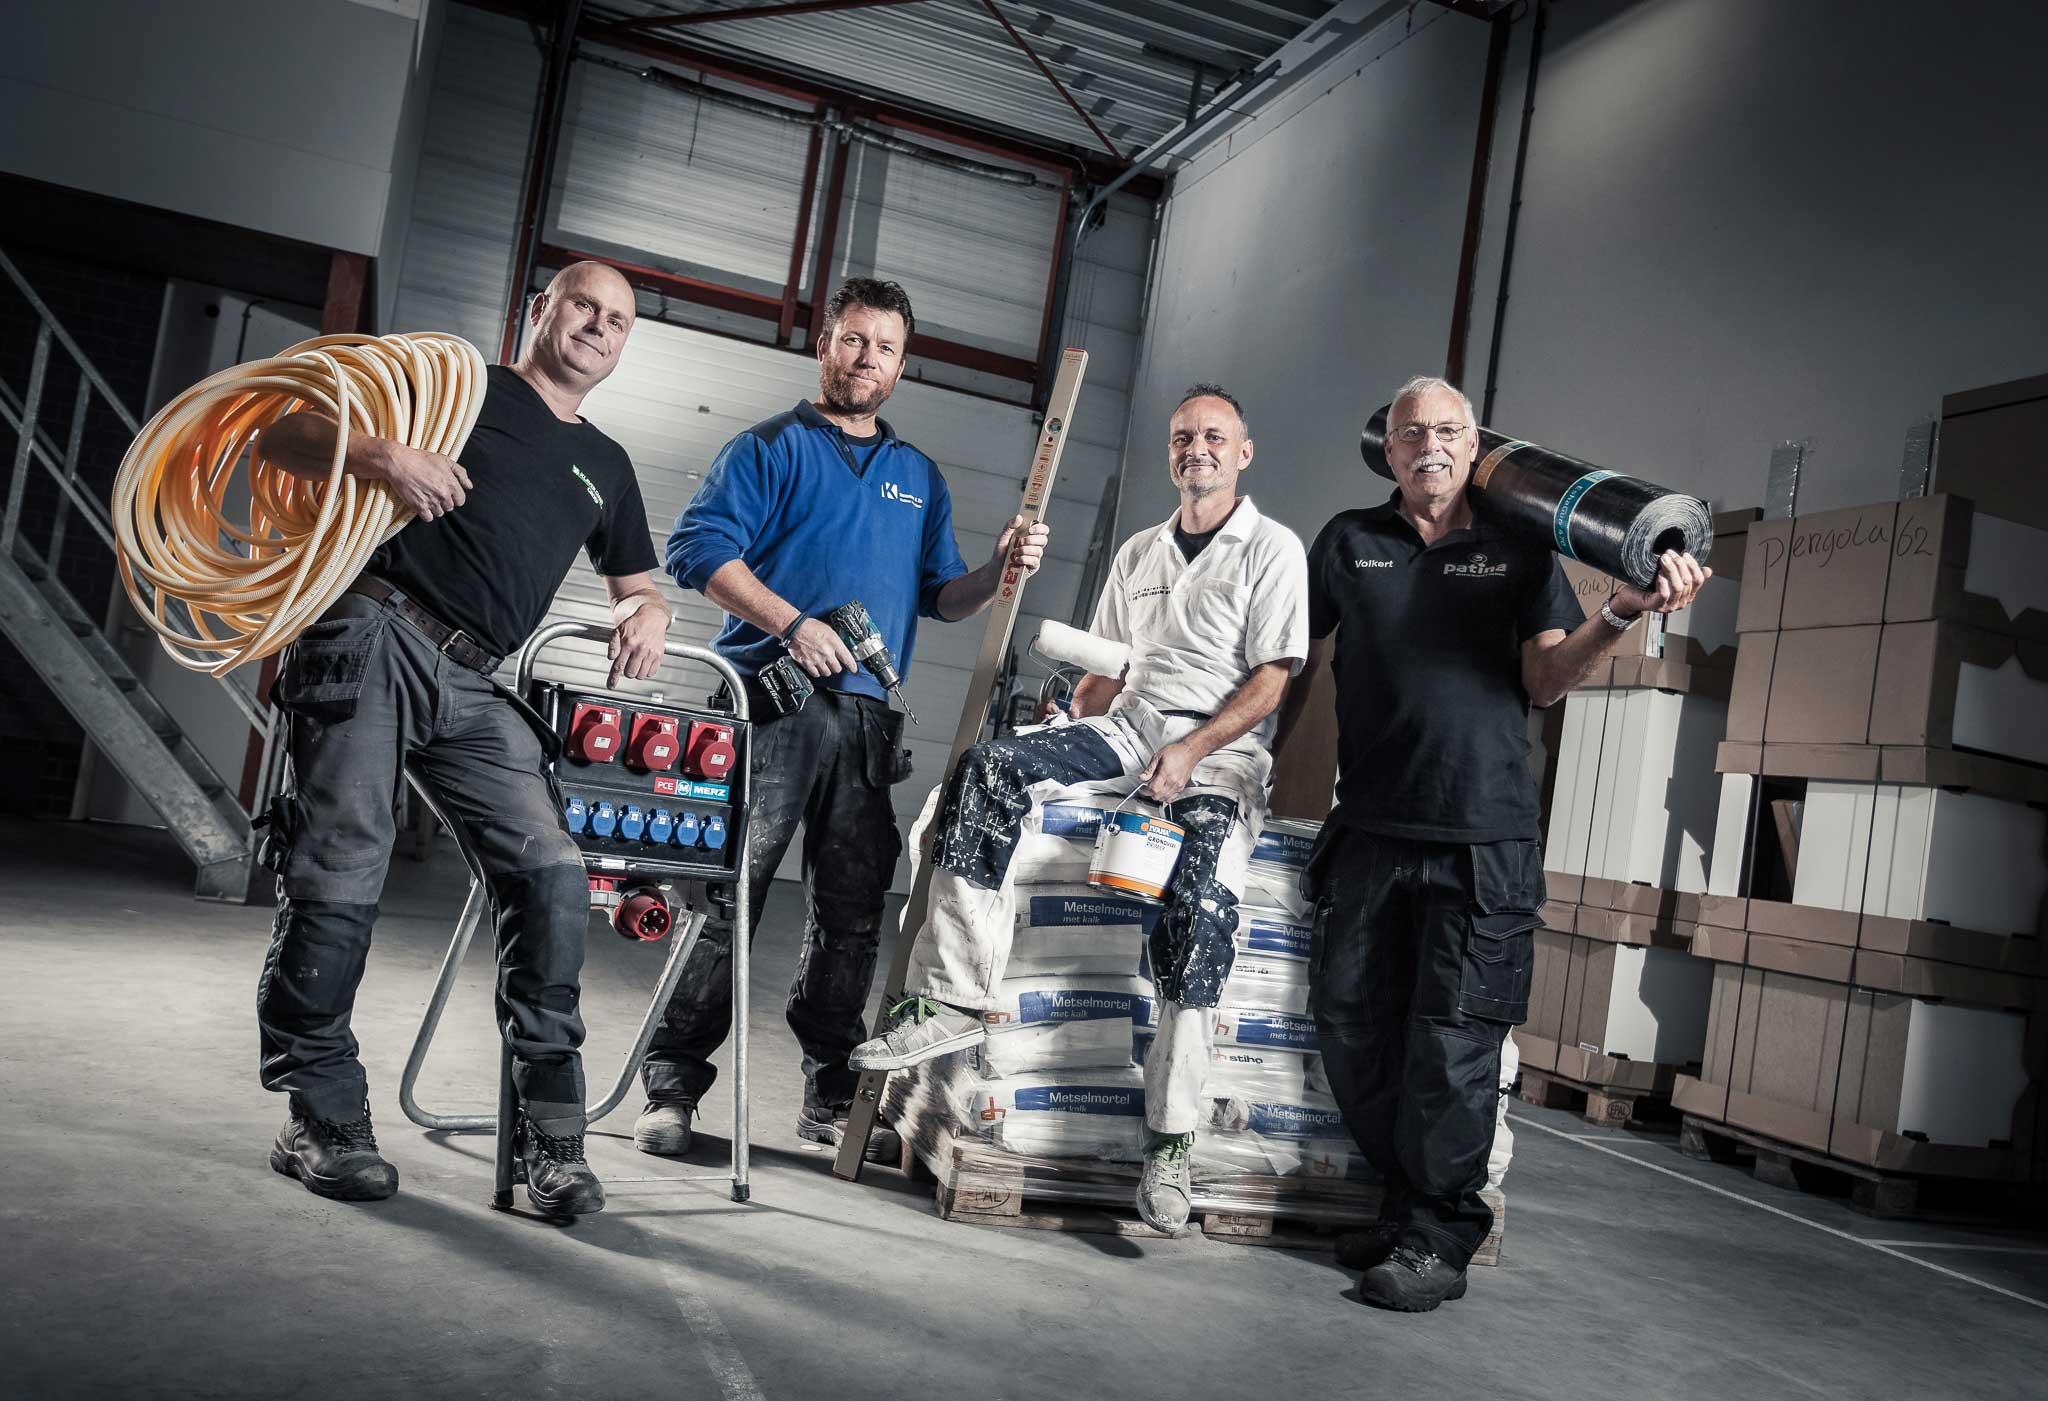 Vier mannen in een hal die klusproducten vasthouden